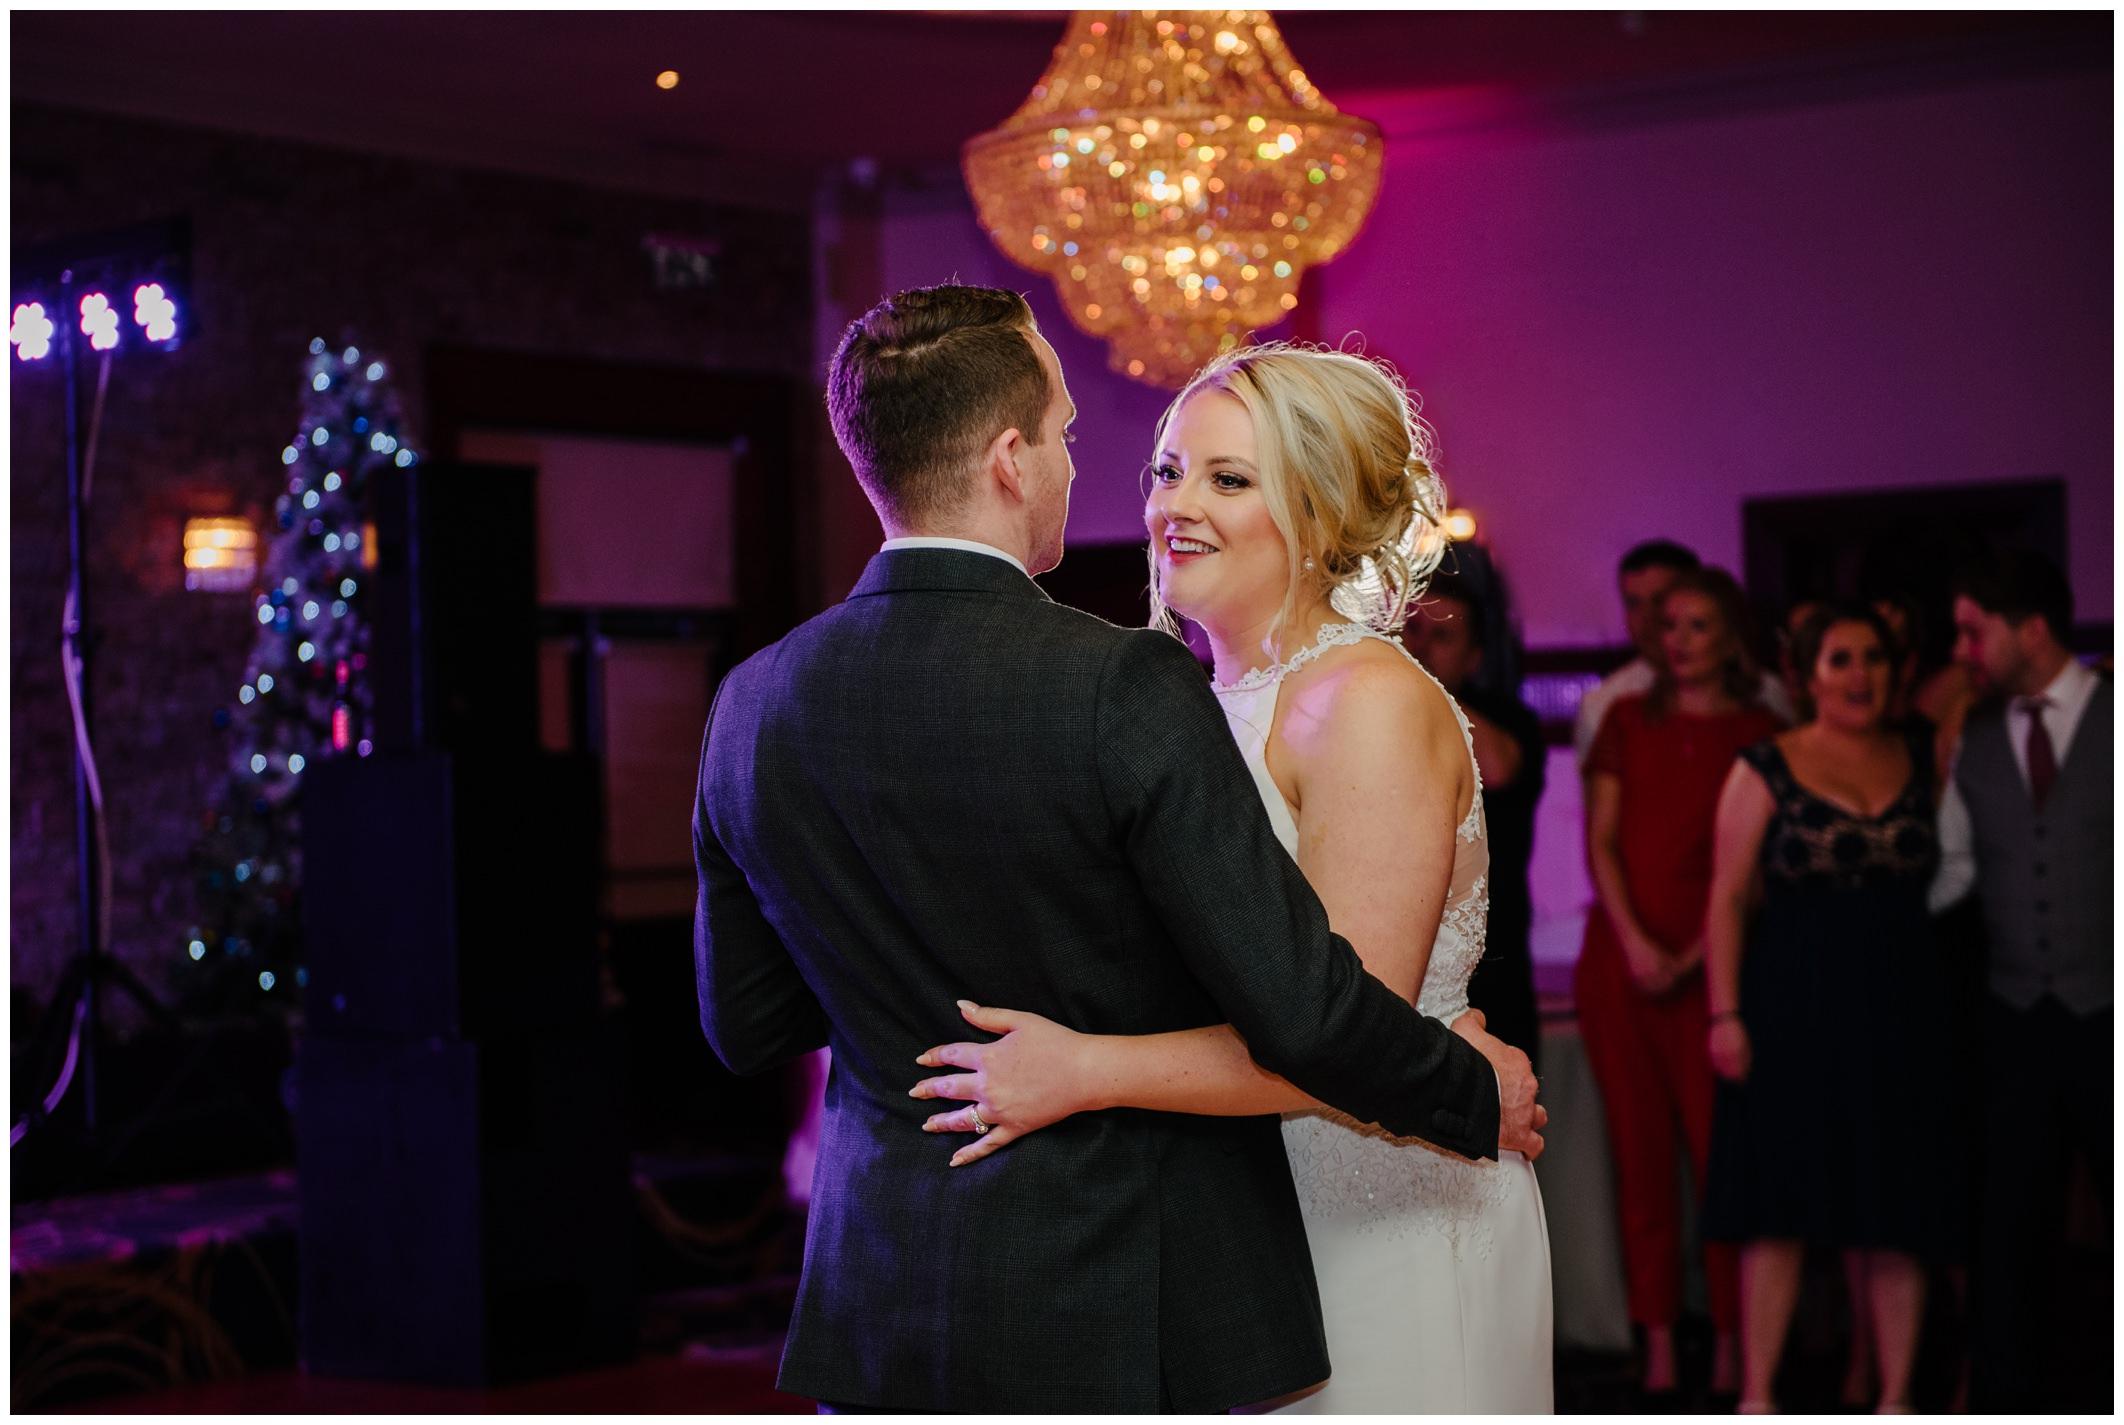 silver_tassie_wedding_jude_browne_photography_0109.jpg